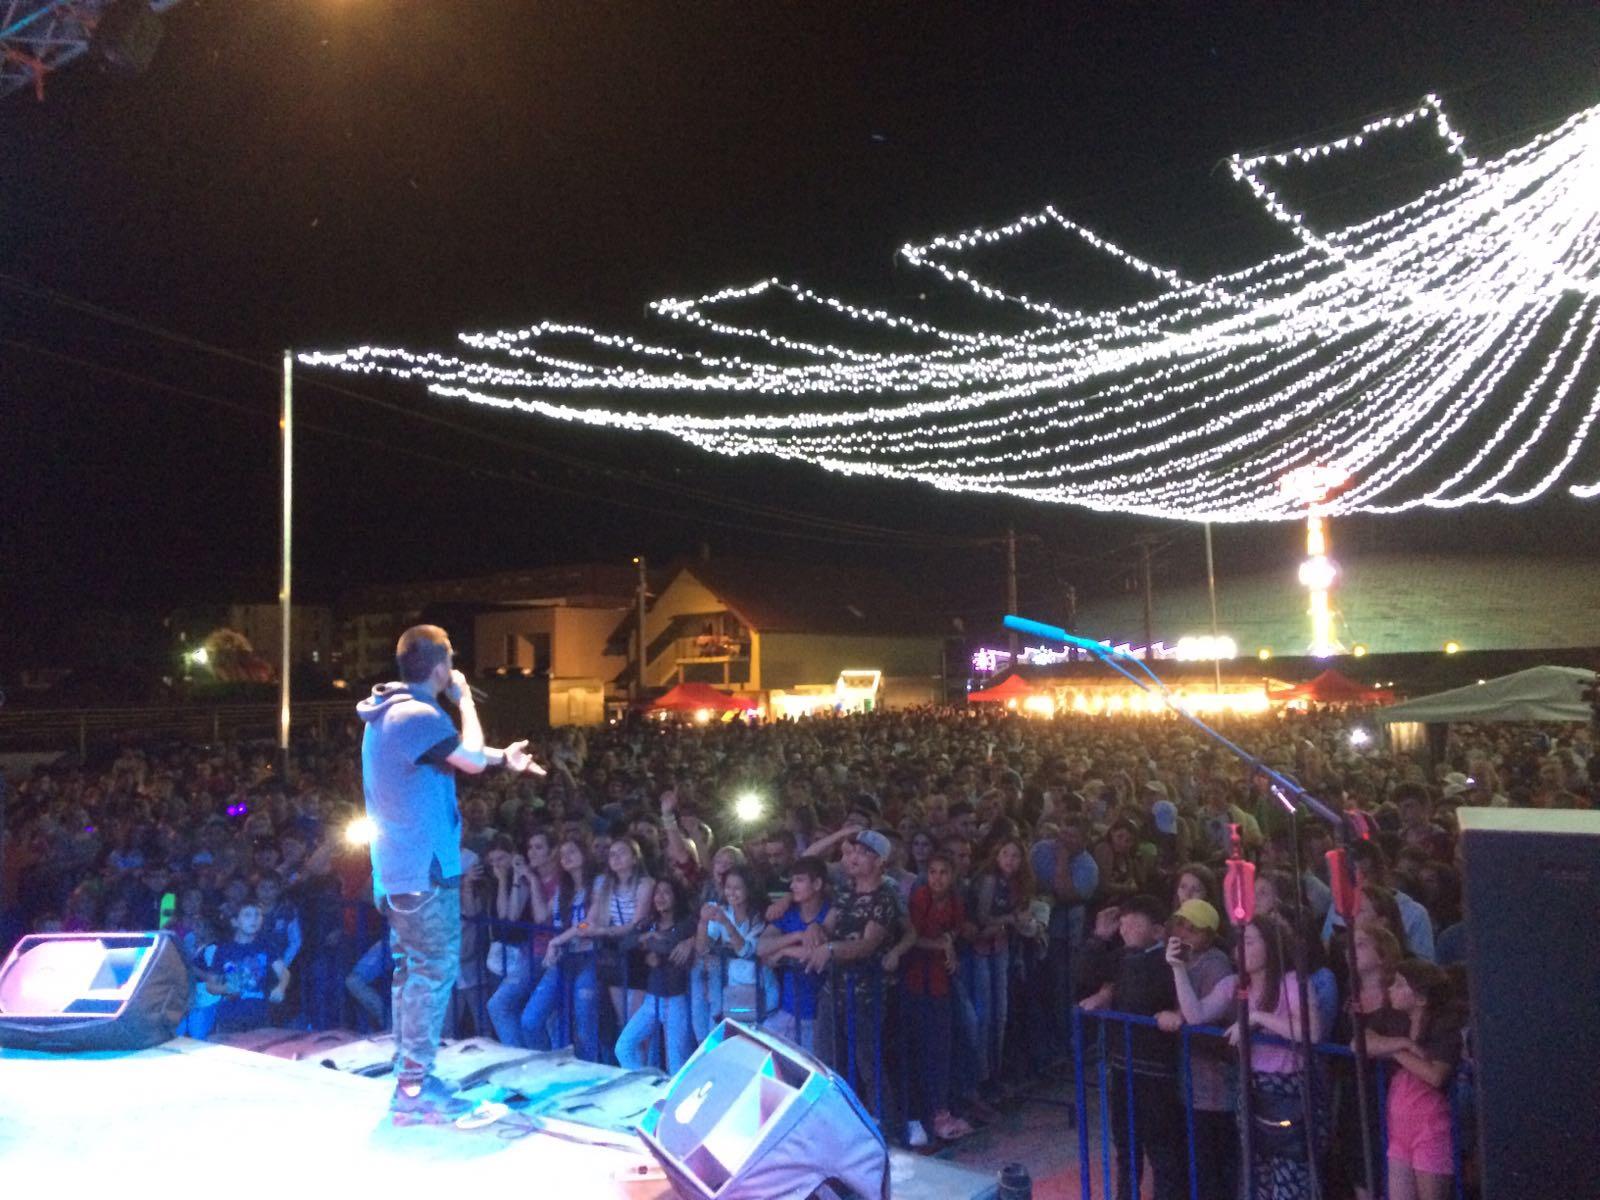 Zilele Becleanului 2017. Cum s-a desfășurat prima zi de concerte și care a fost artistul aplaudat la scenă deschisă – FOTO